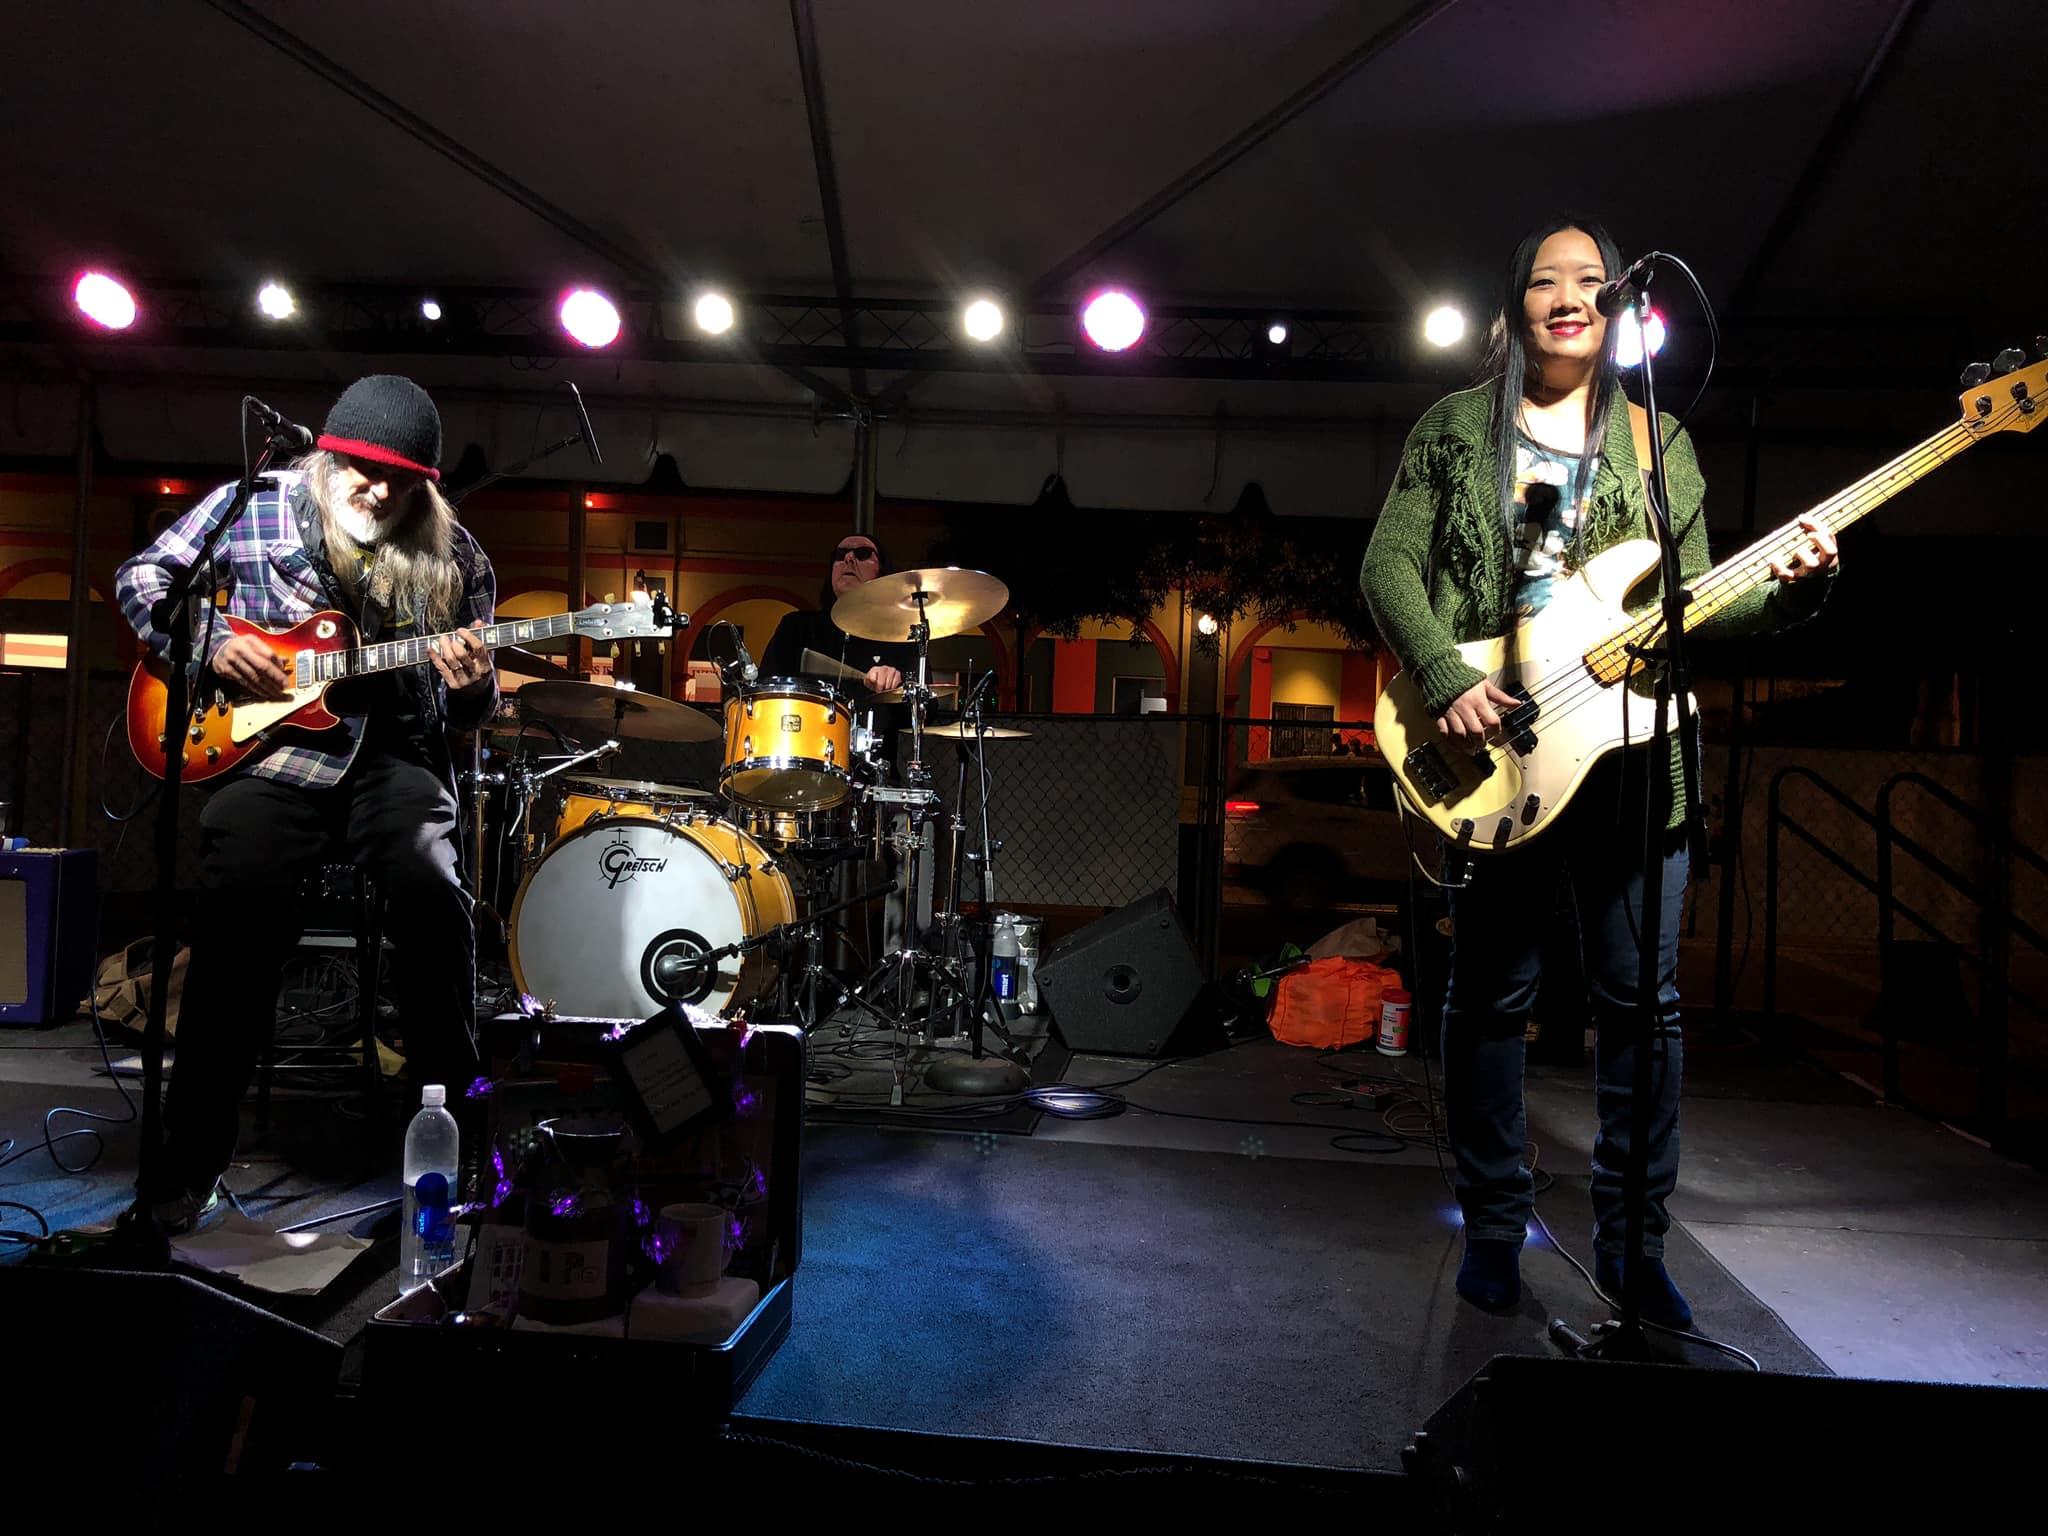 Bryan Dean Trio at the Hut